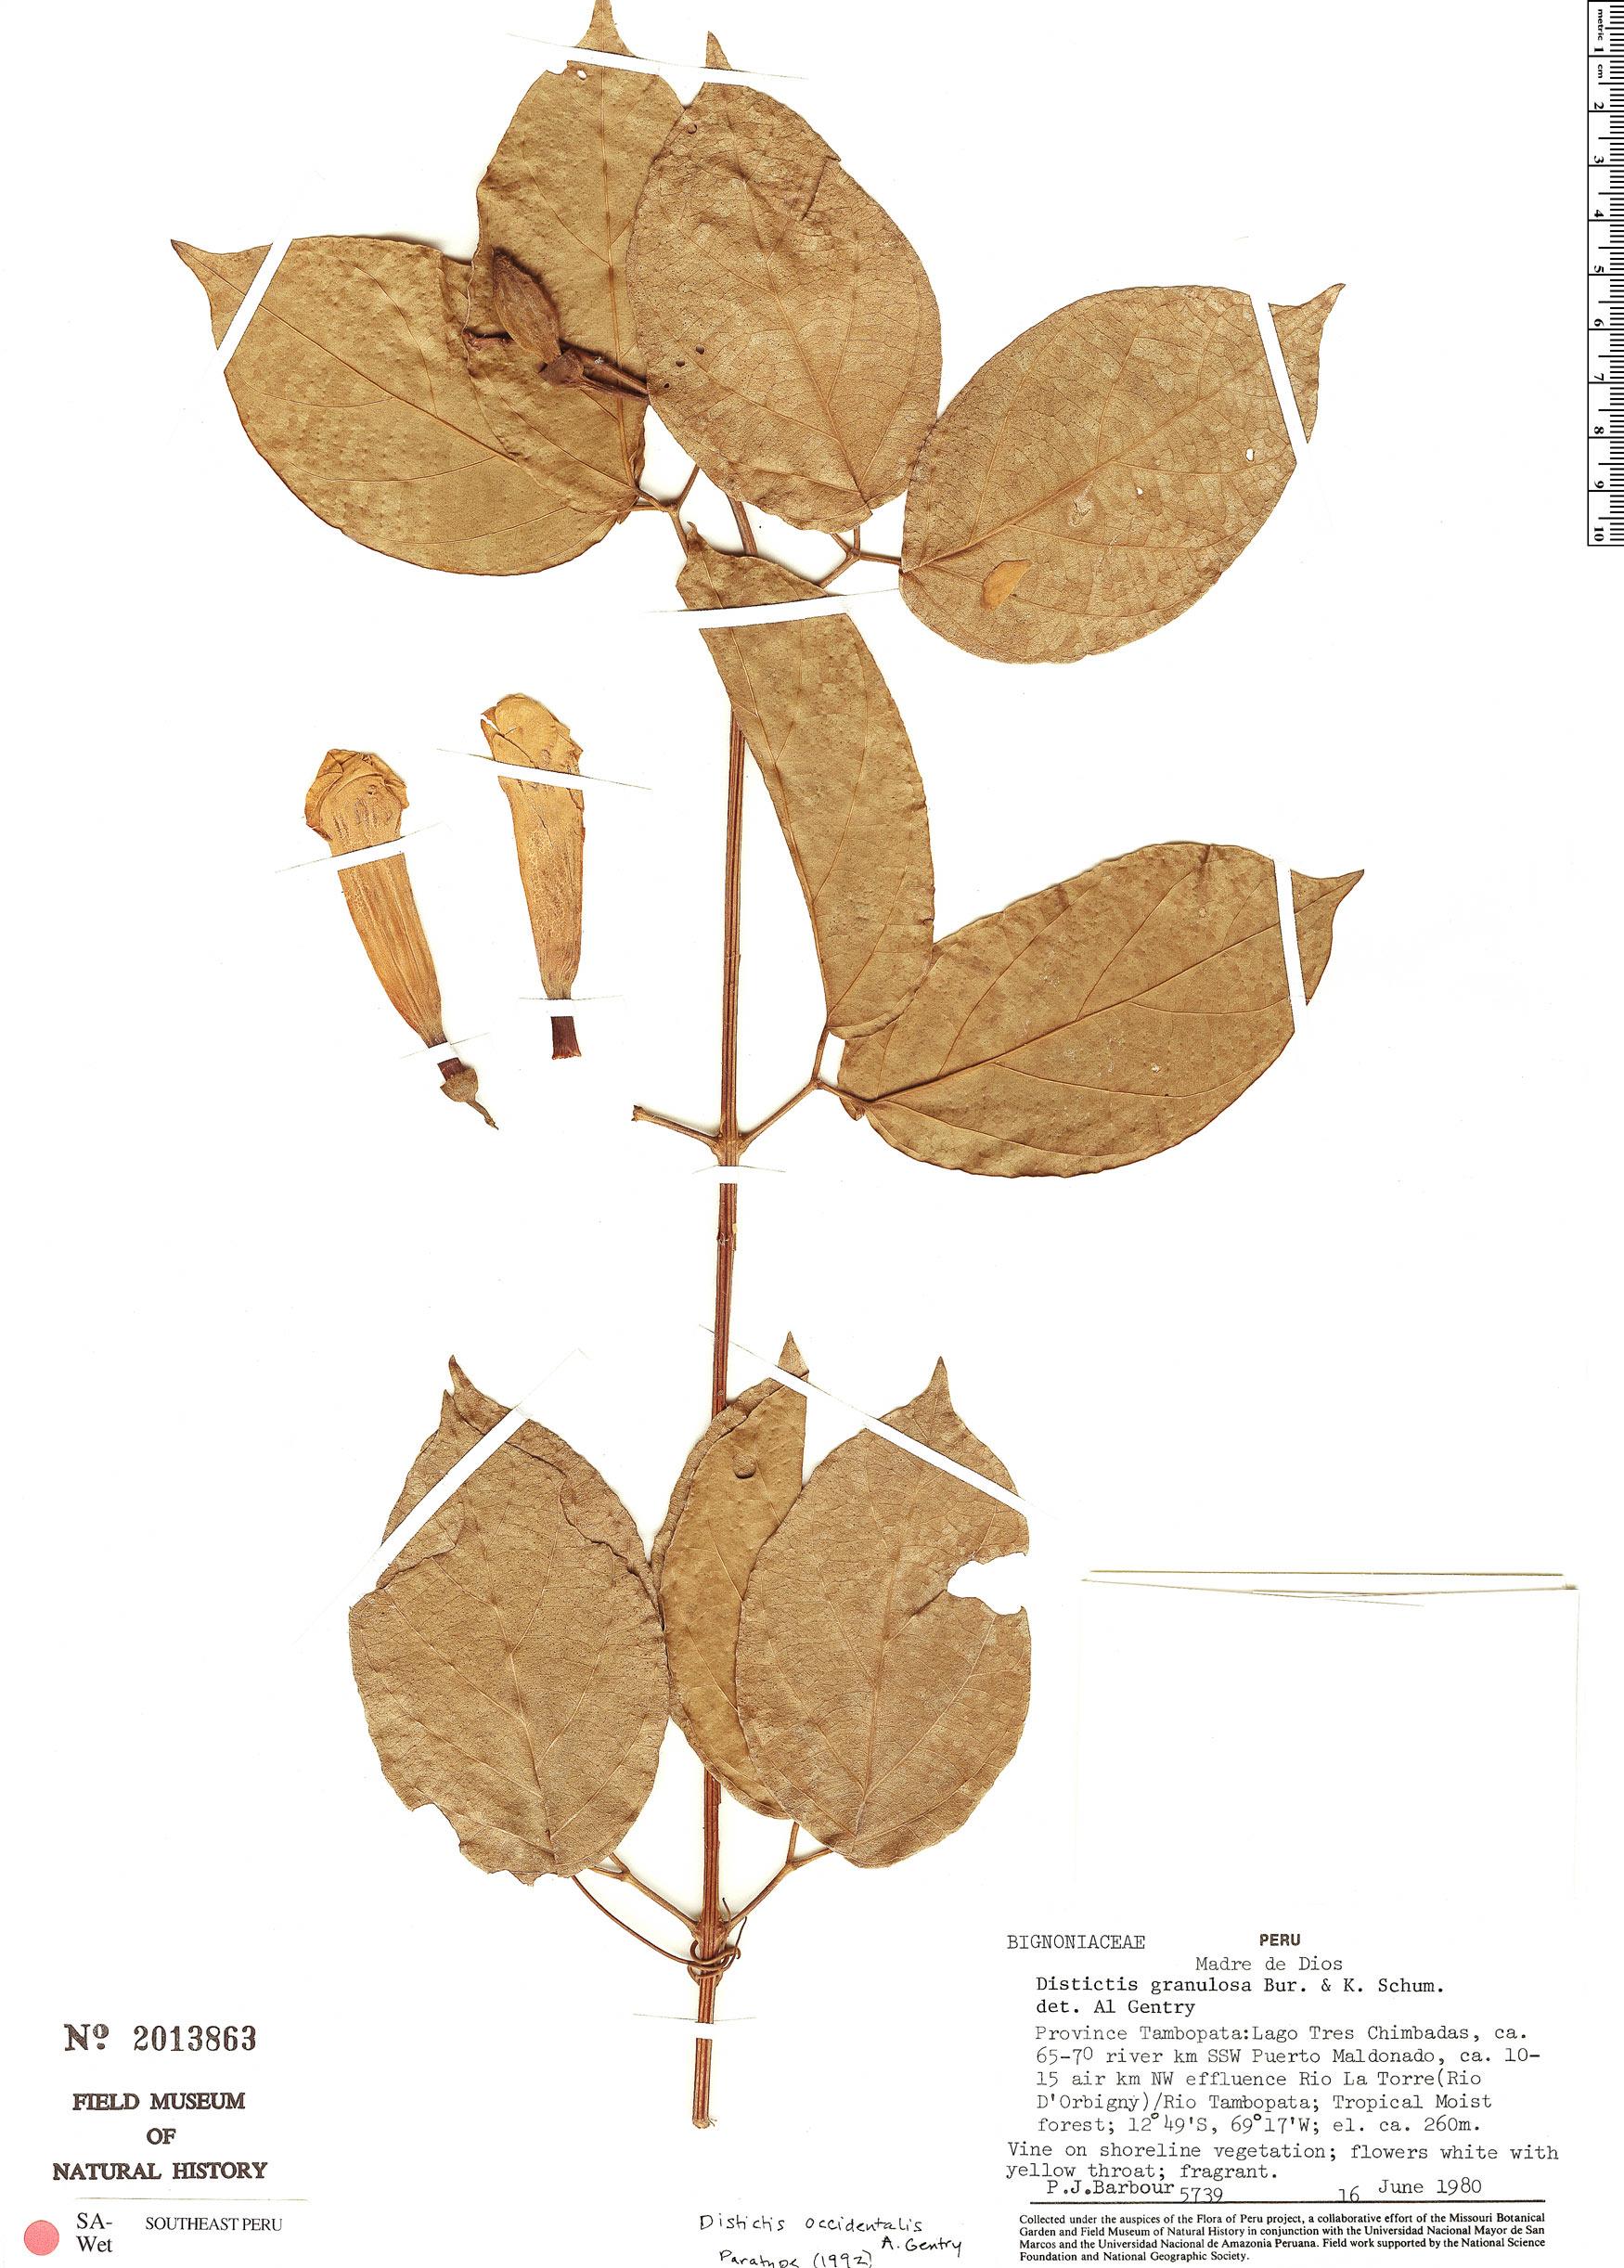 Specimen: Amphilophium occidentale